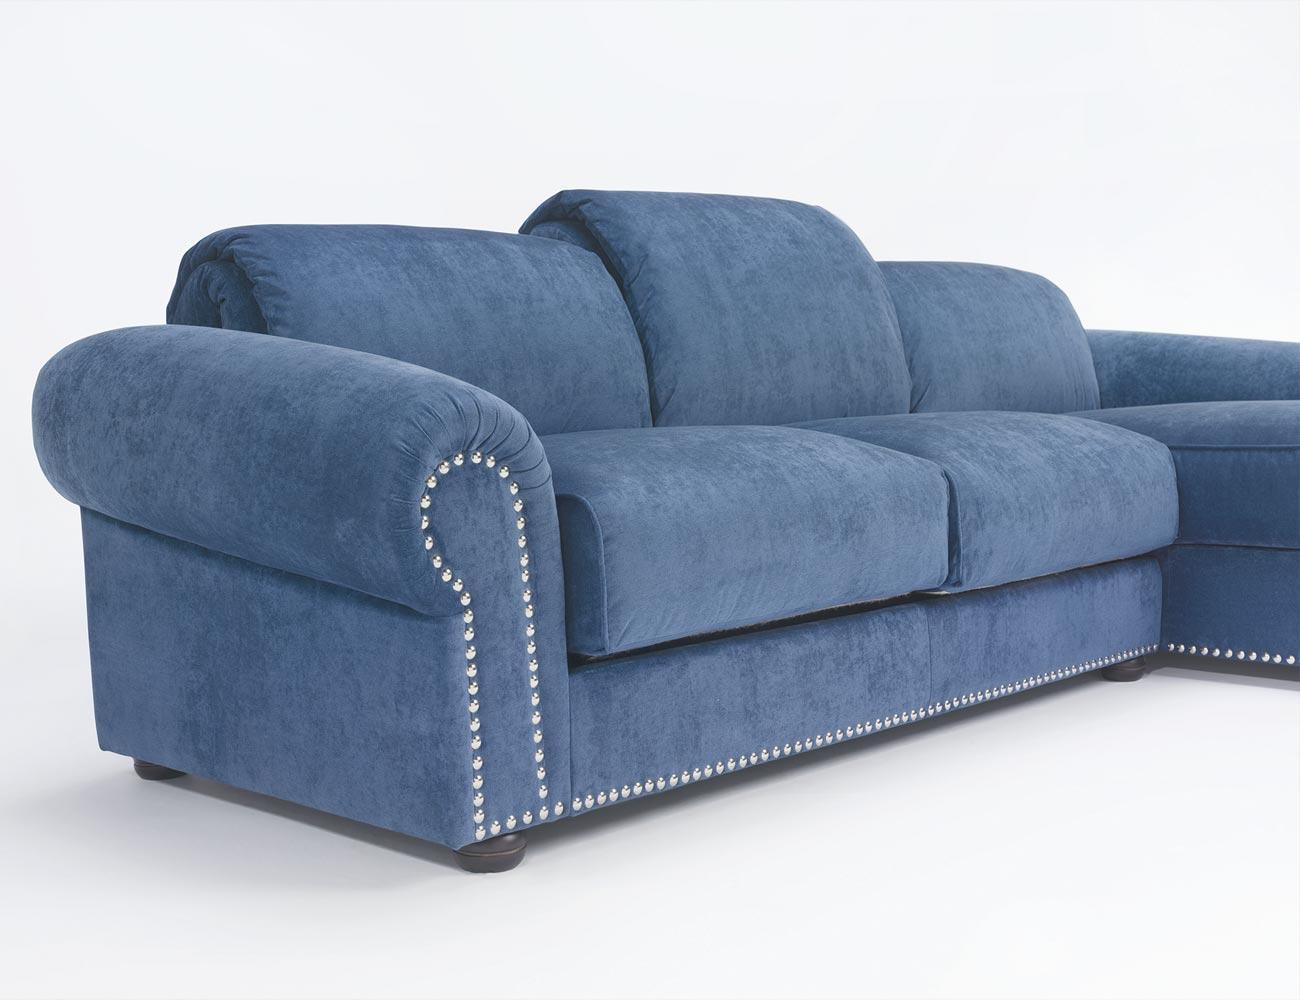 Sofa chaiselongue gran lujo decorativo azul 136